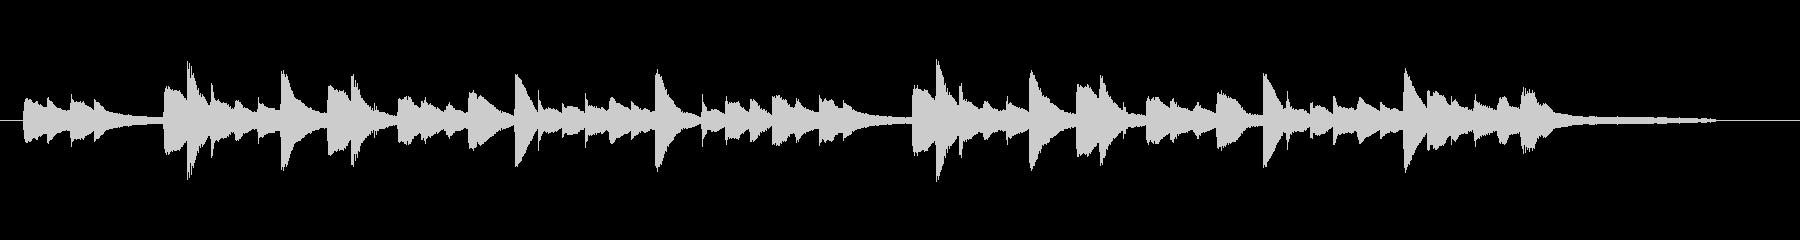 ピアノ 切ないシンプルなアルペジオ2の未再生の波形